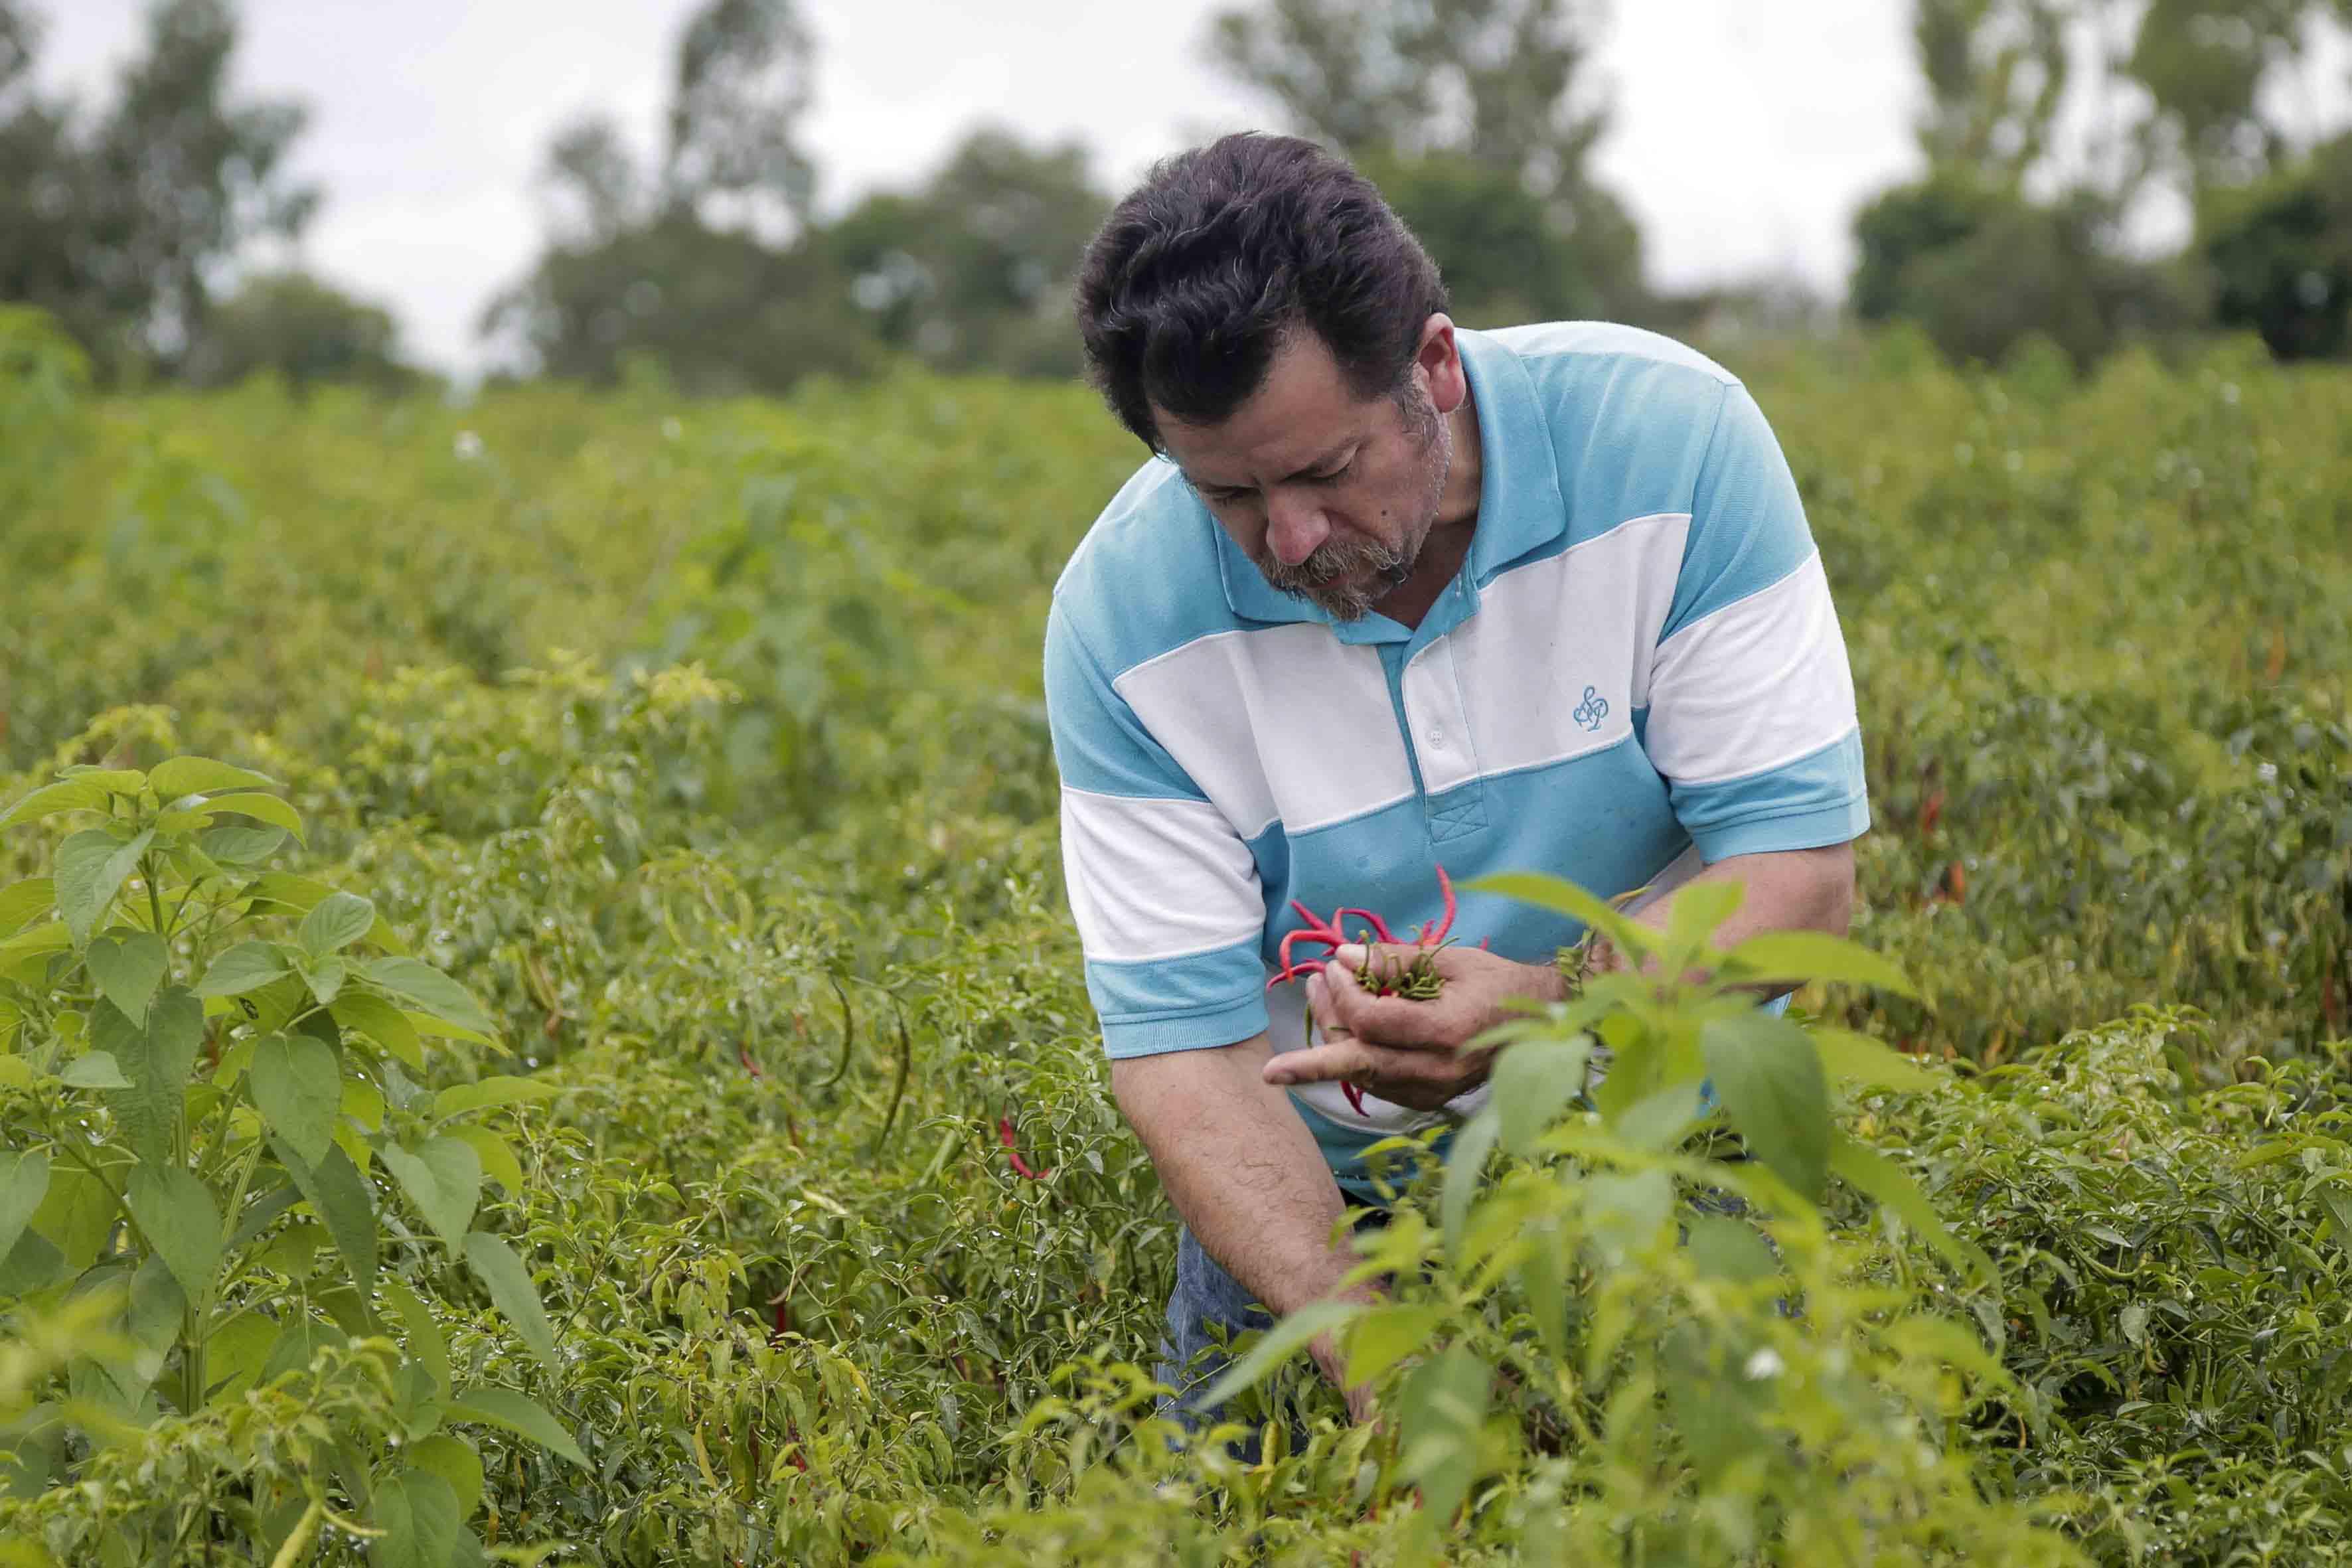 Luis Antonio Plasencia, agricultor de la comunidad de Manalisco, cercana a Yahualica, cosechando chiles de árbol Yahualica.